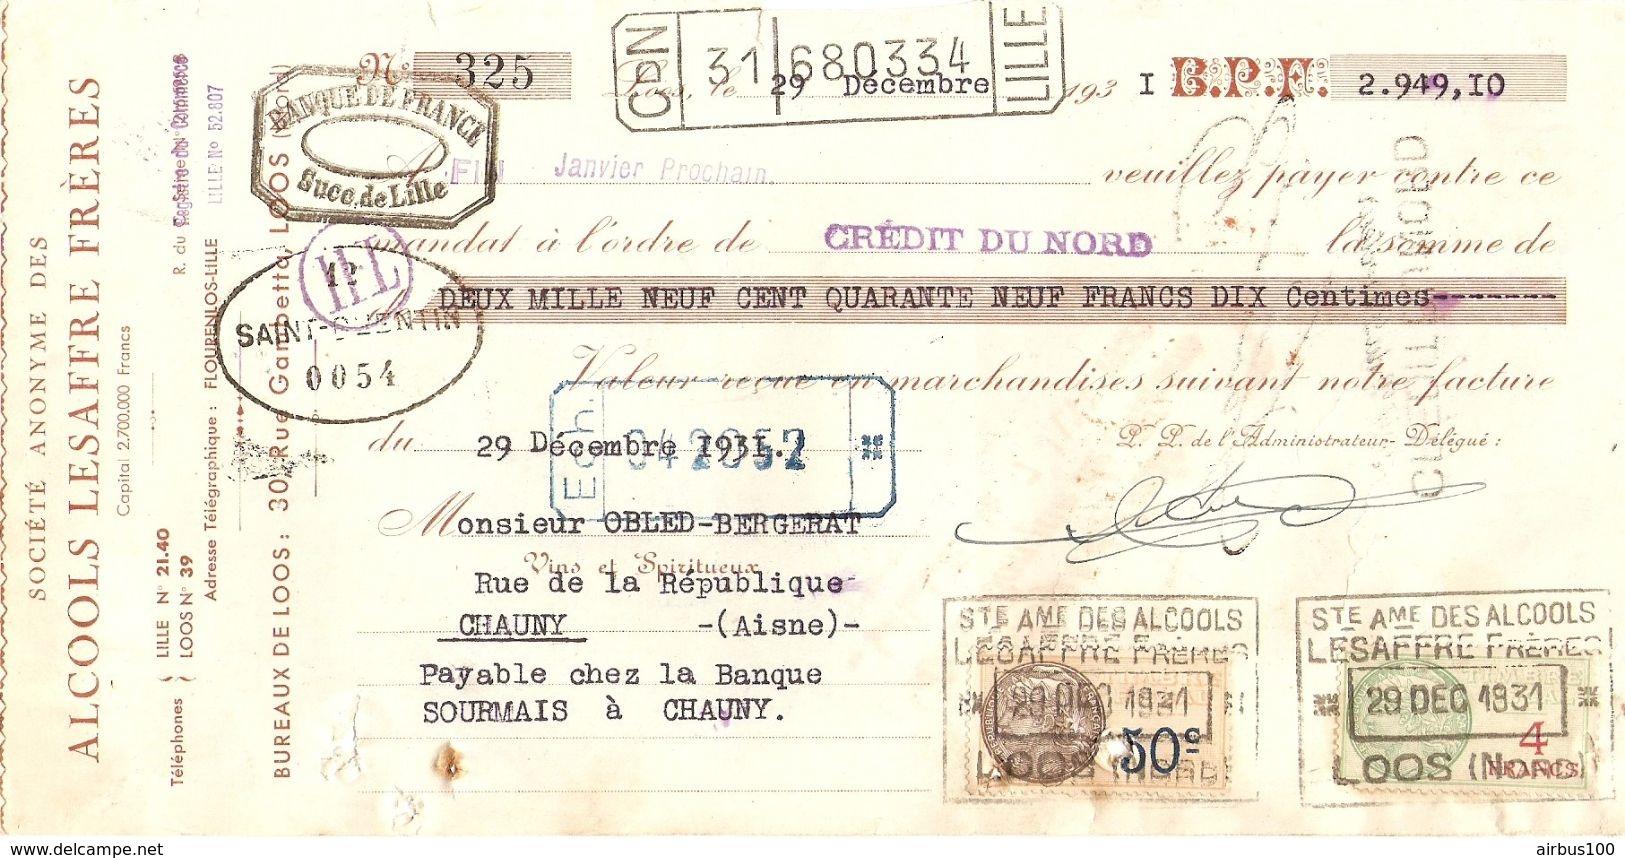 TRAITE 1931 SA. DES ALCOOLS LESAFFRE FRERES RUE GAMBETTA LOOS NORD - Levensmiddelen